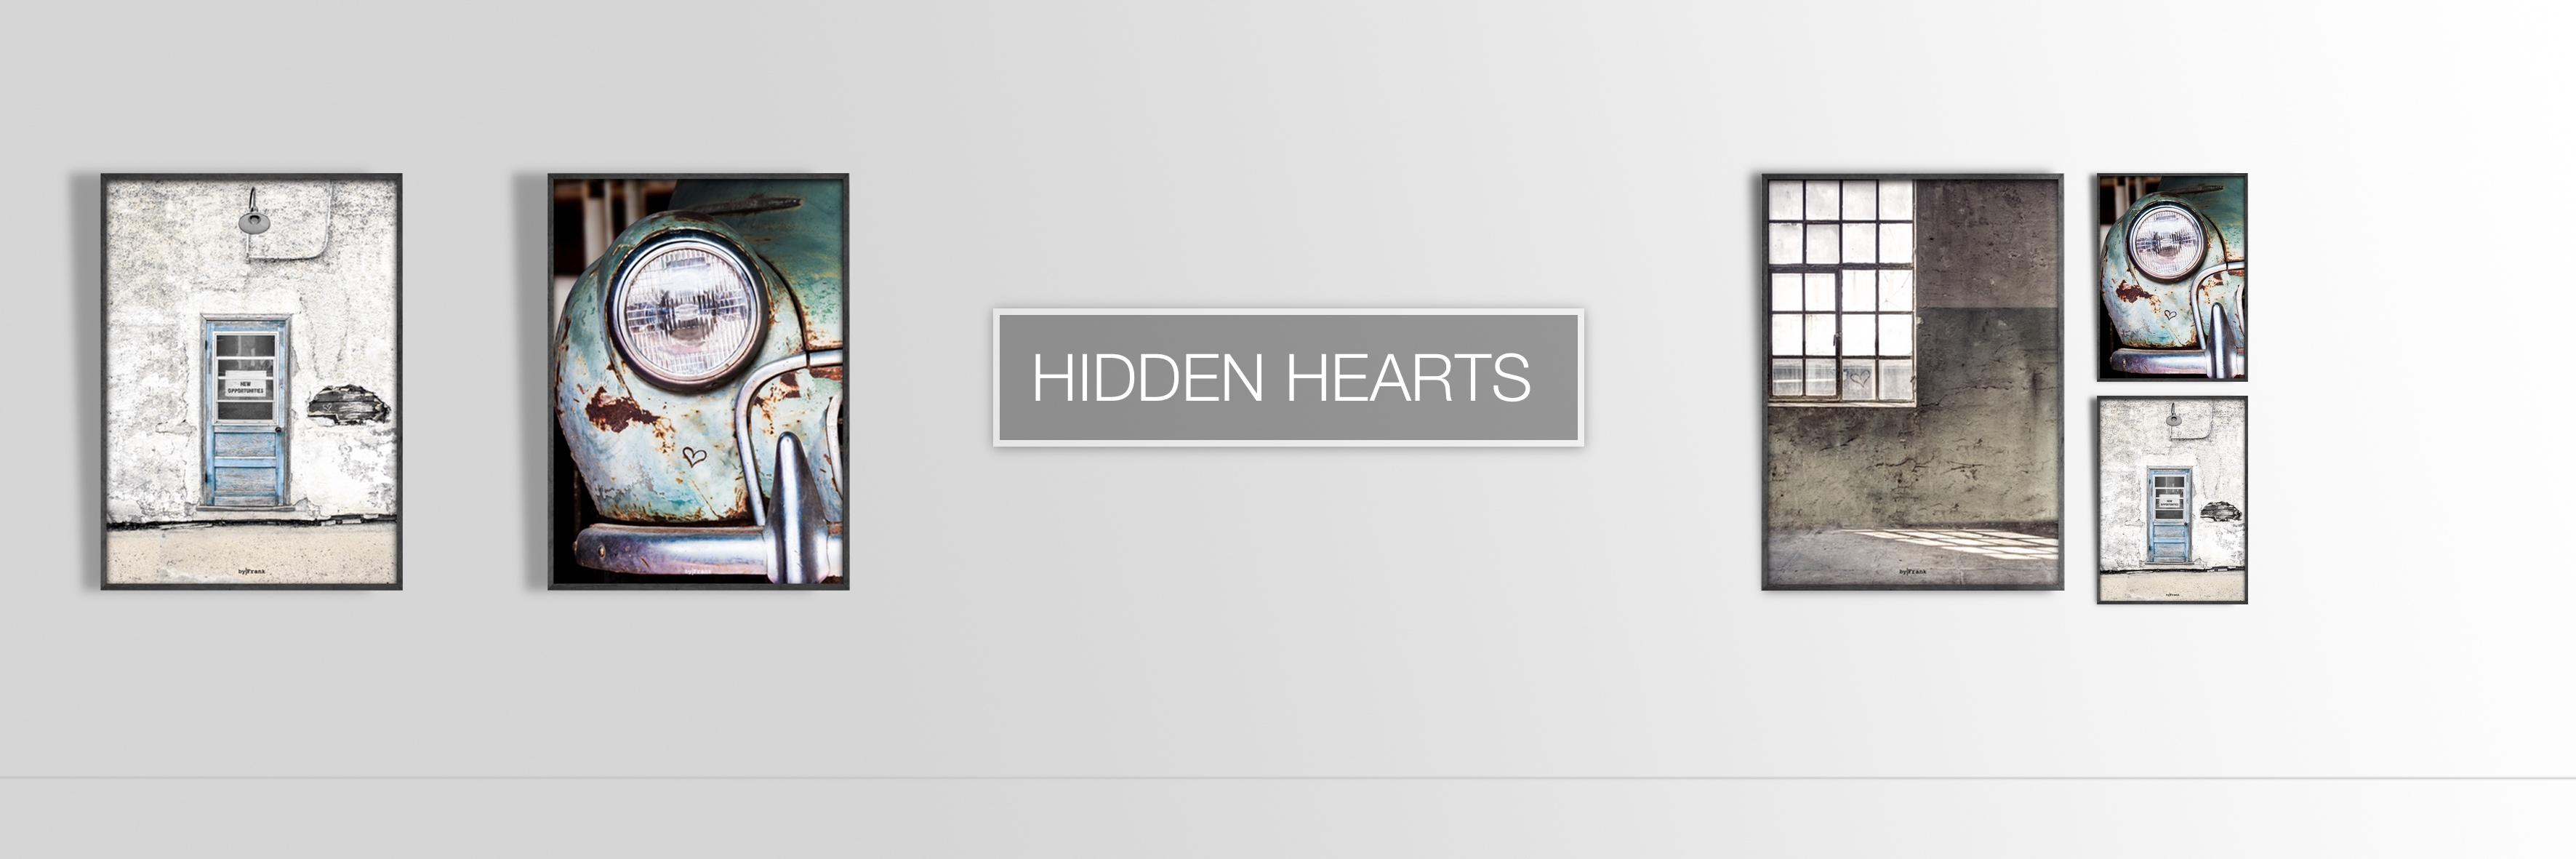 hidden-hearts-banner